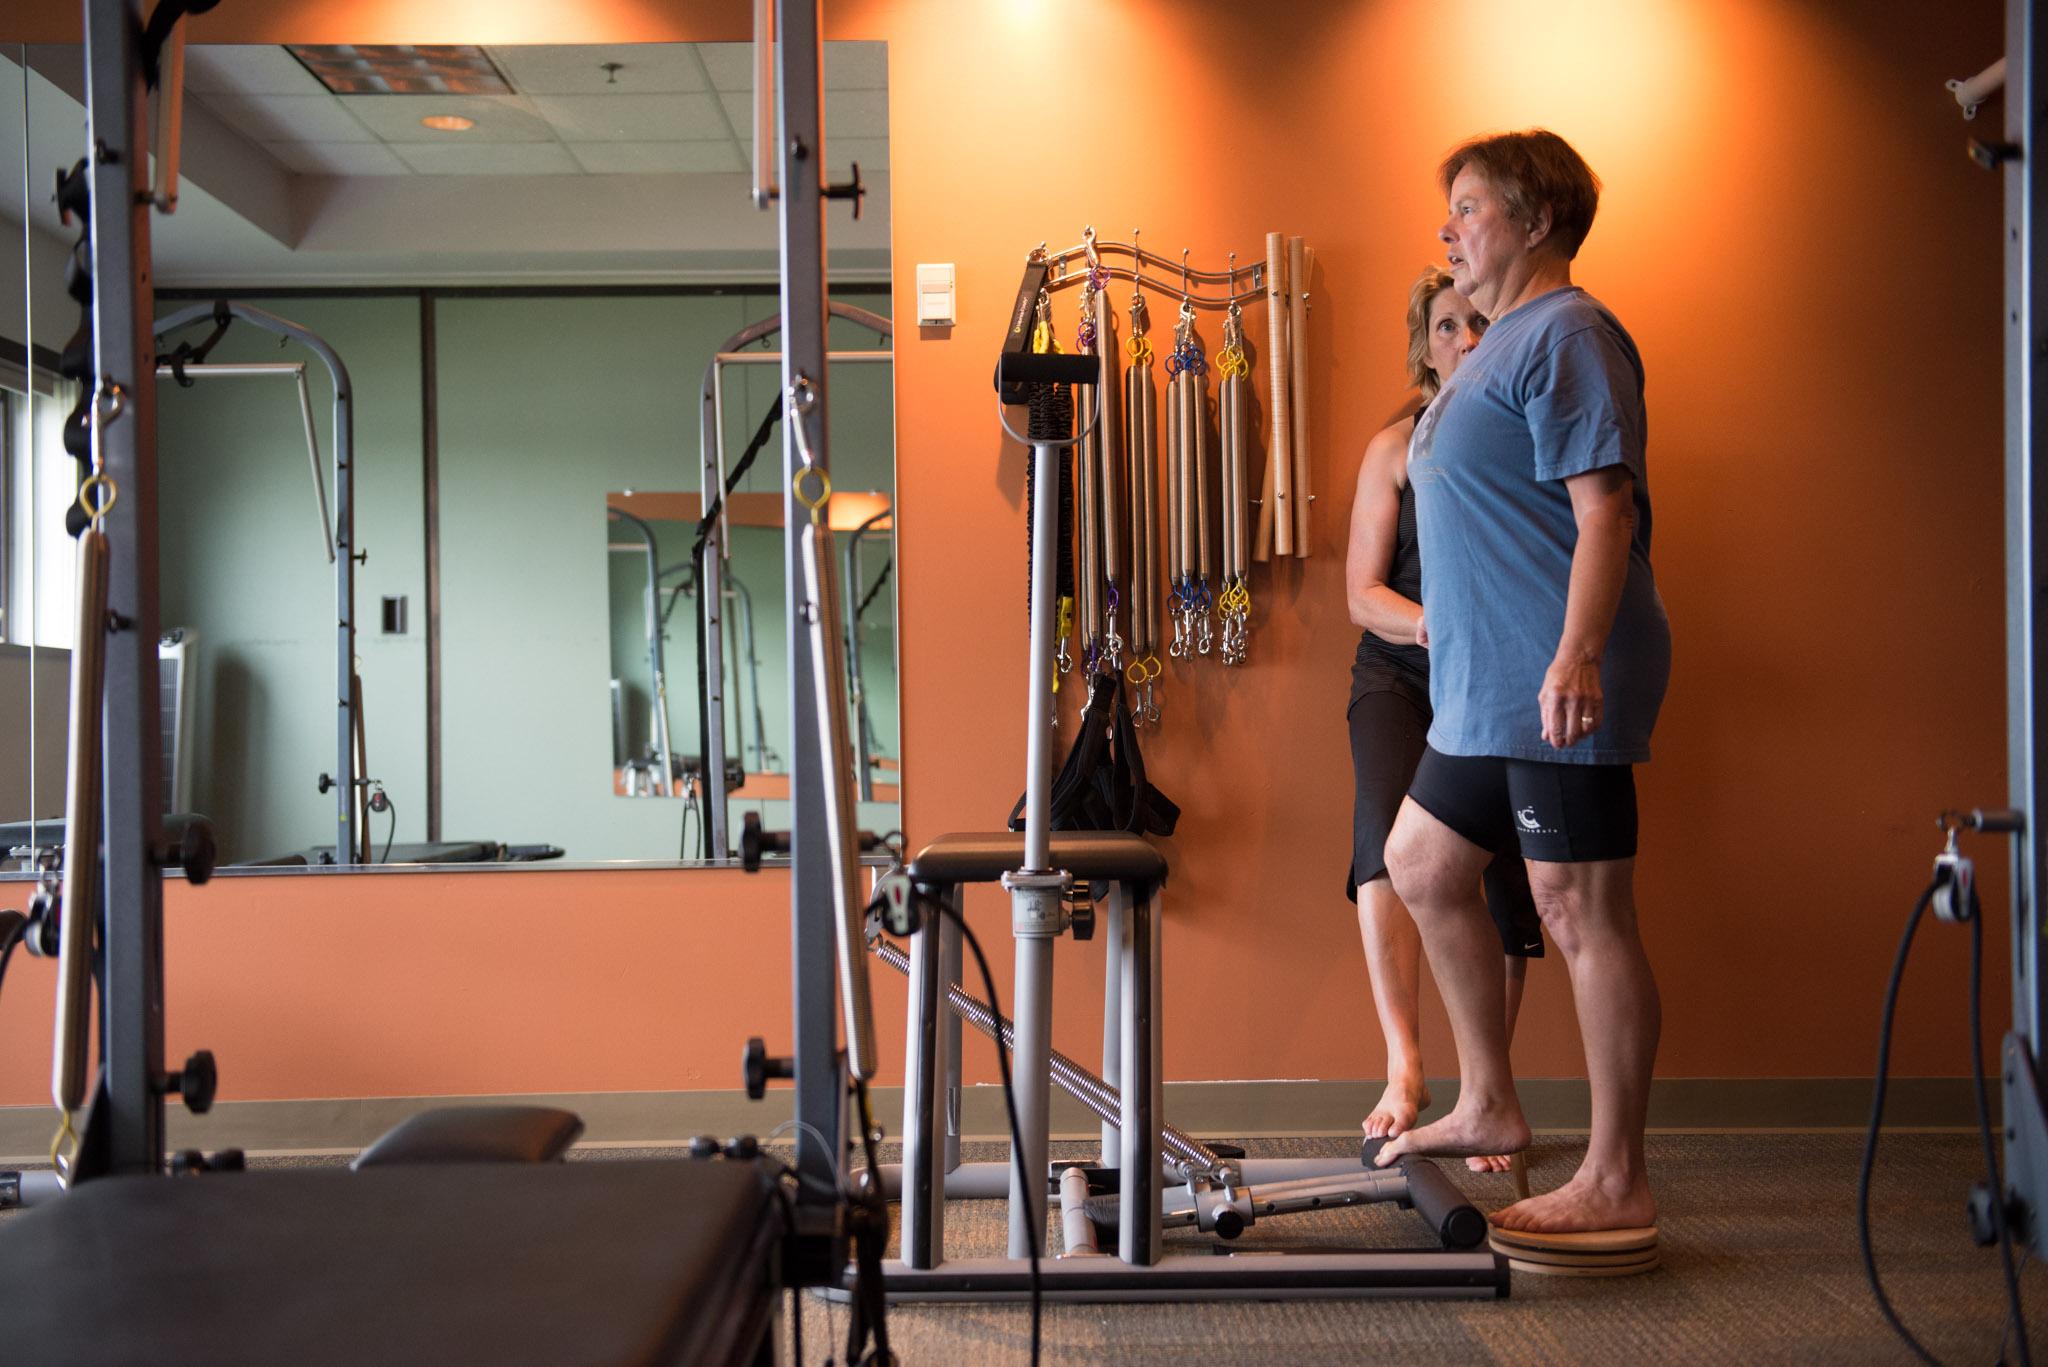 Wellness Center Stock Photos-1395.jpg